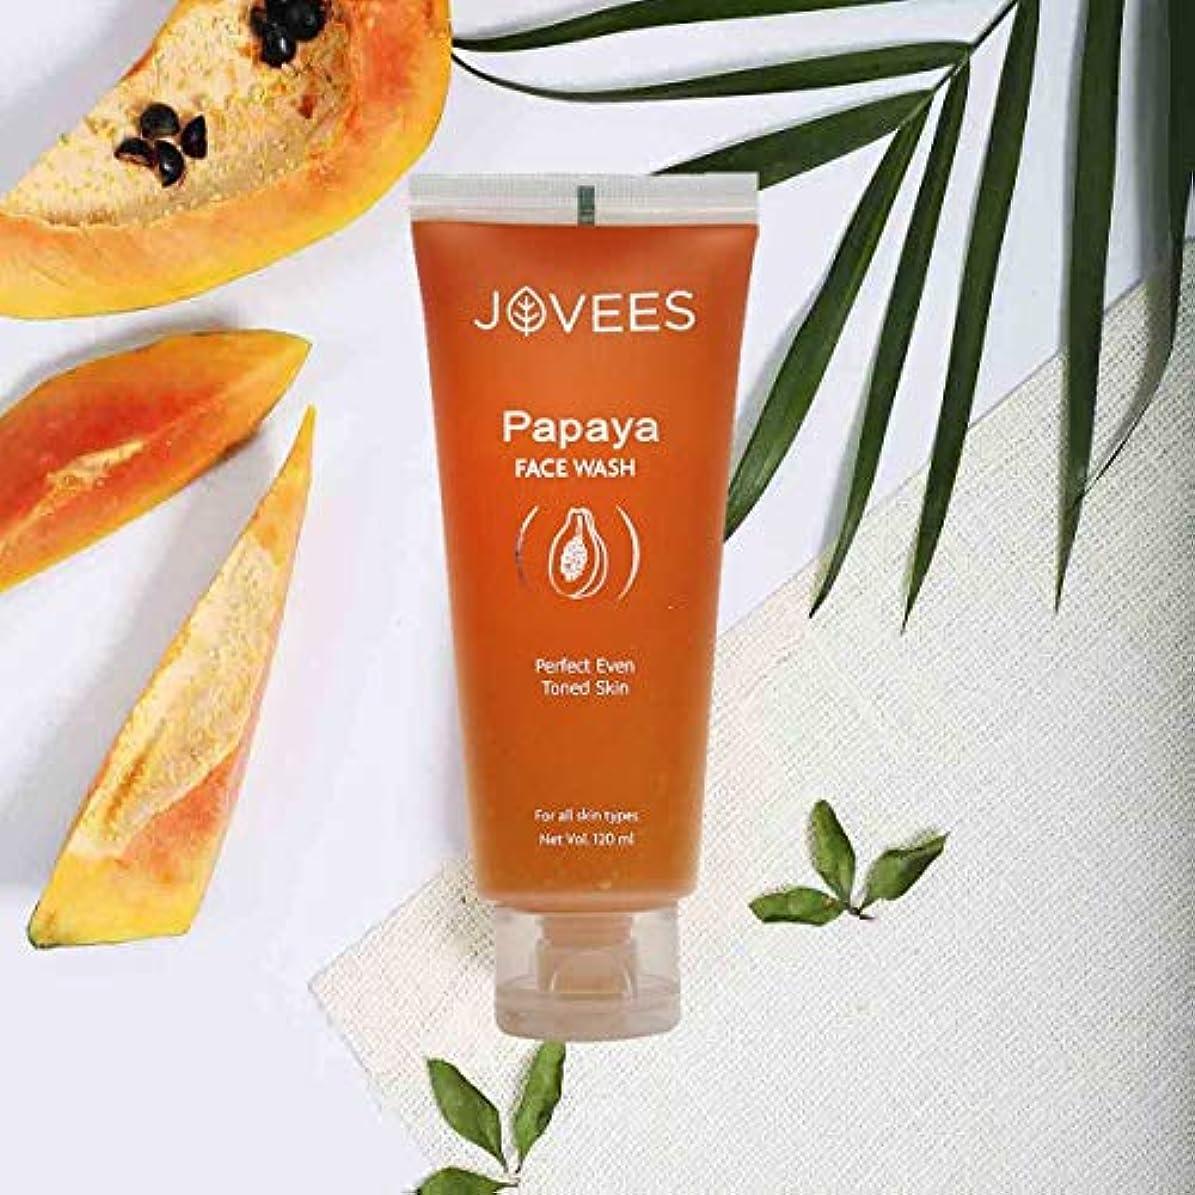 ジョグ市長批評Jovees Papaya Face Wash 120ml Papaya & Vitamin A For Perfect Even Toned Skin パパイヤ洗顔用パパイヤ&ビタミンA